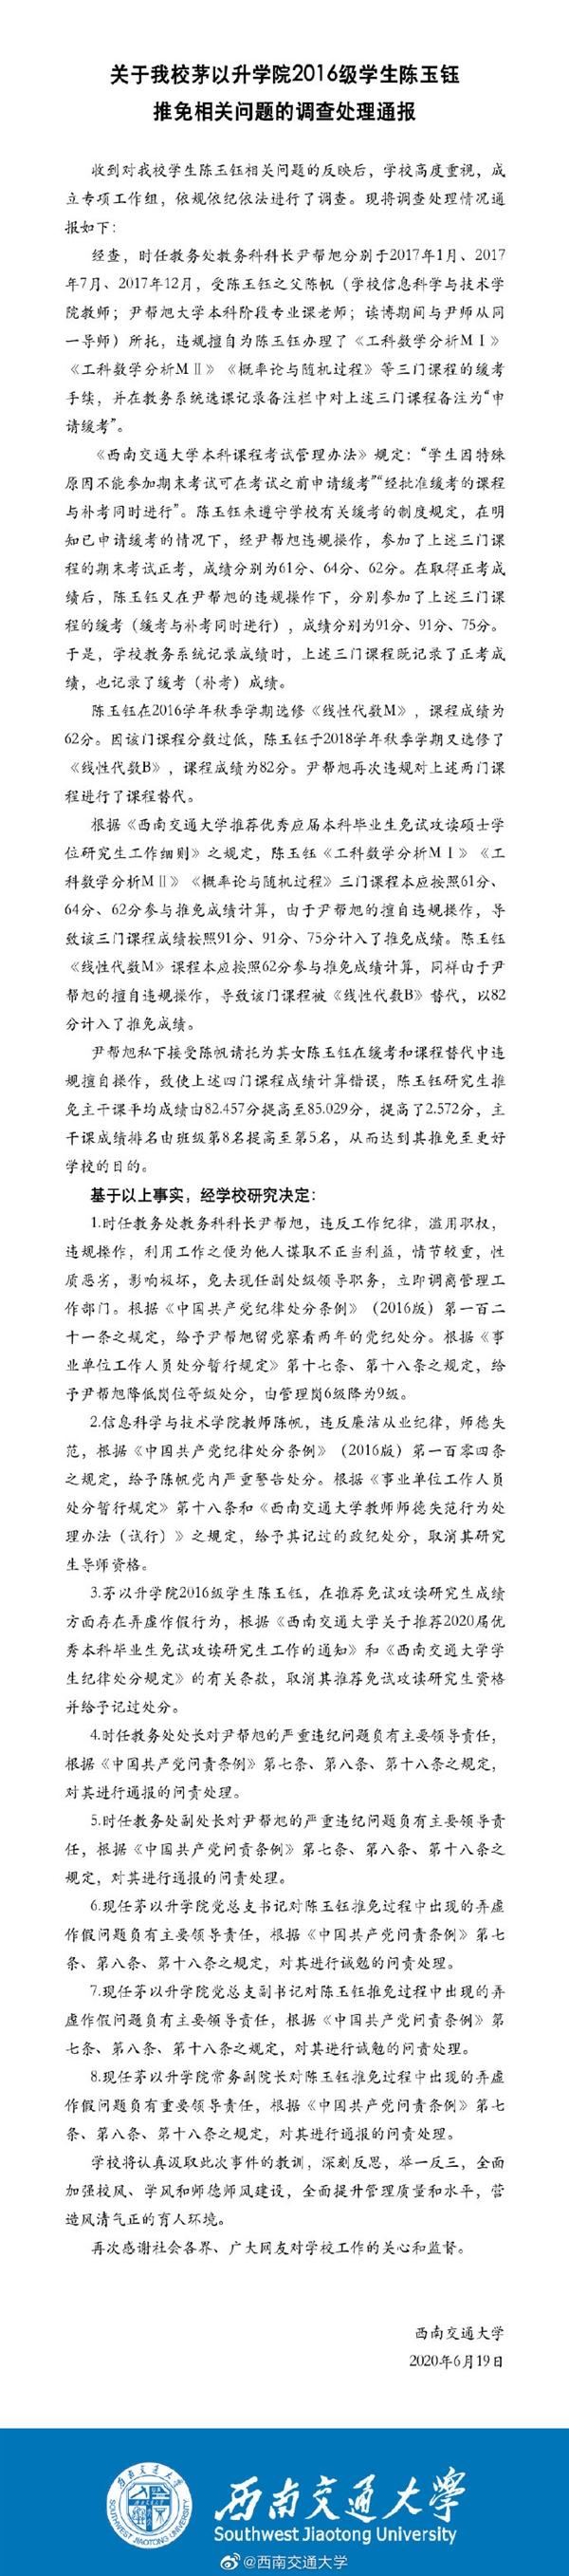 西南交大本科生修改成绩保研,被取消推免资格